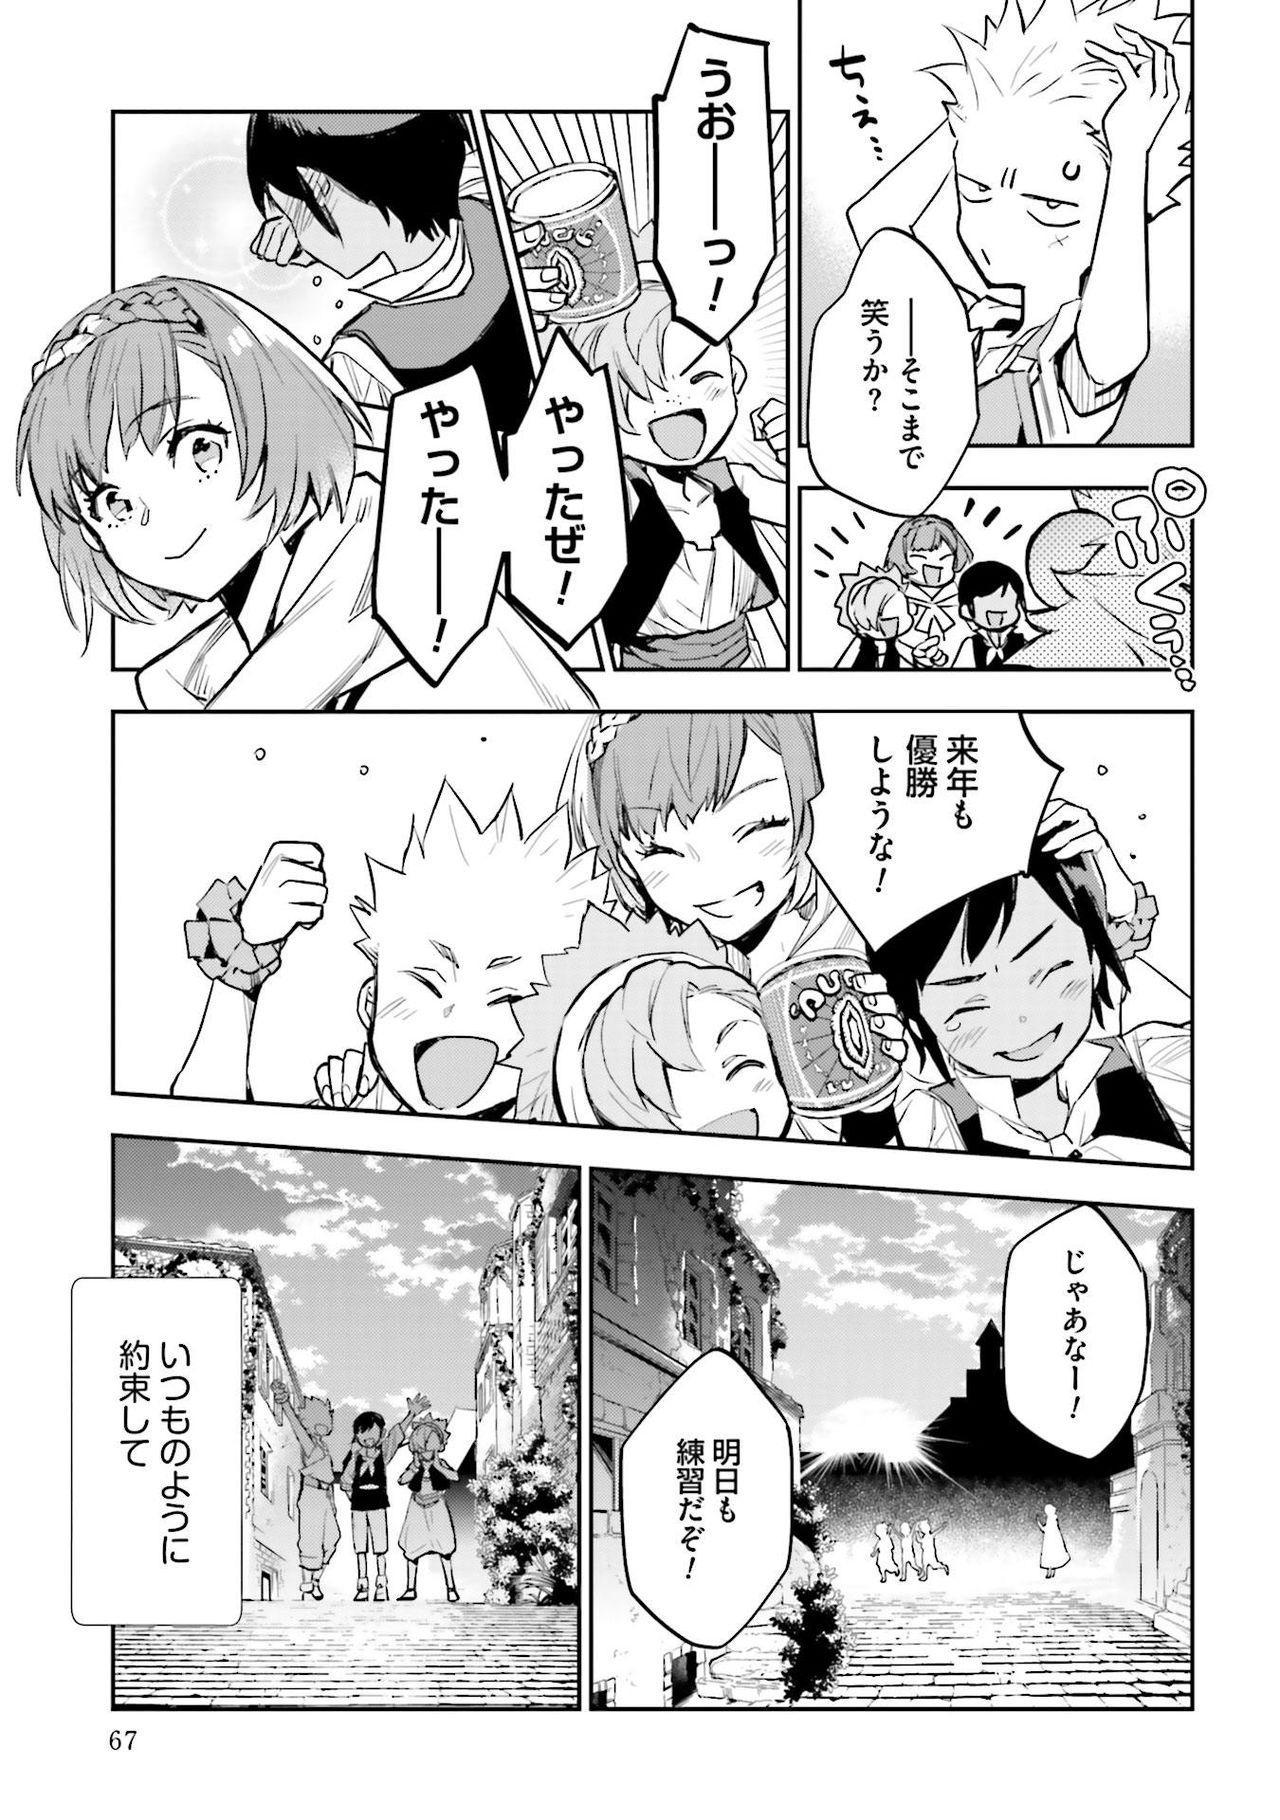 JK Haru wa Isekai de Shoufu ni Natta 1-14 426